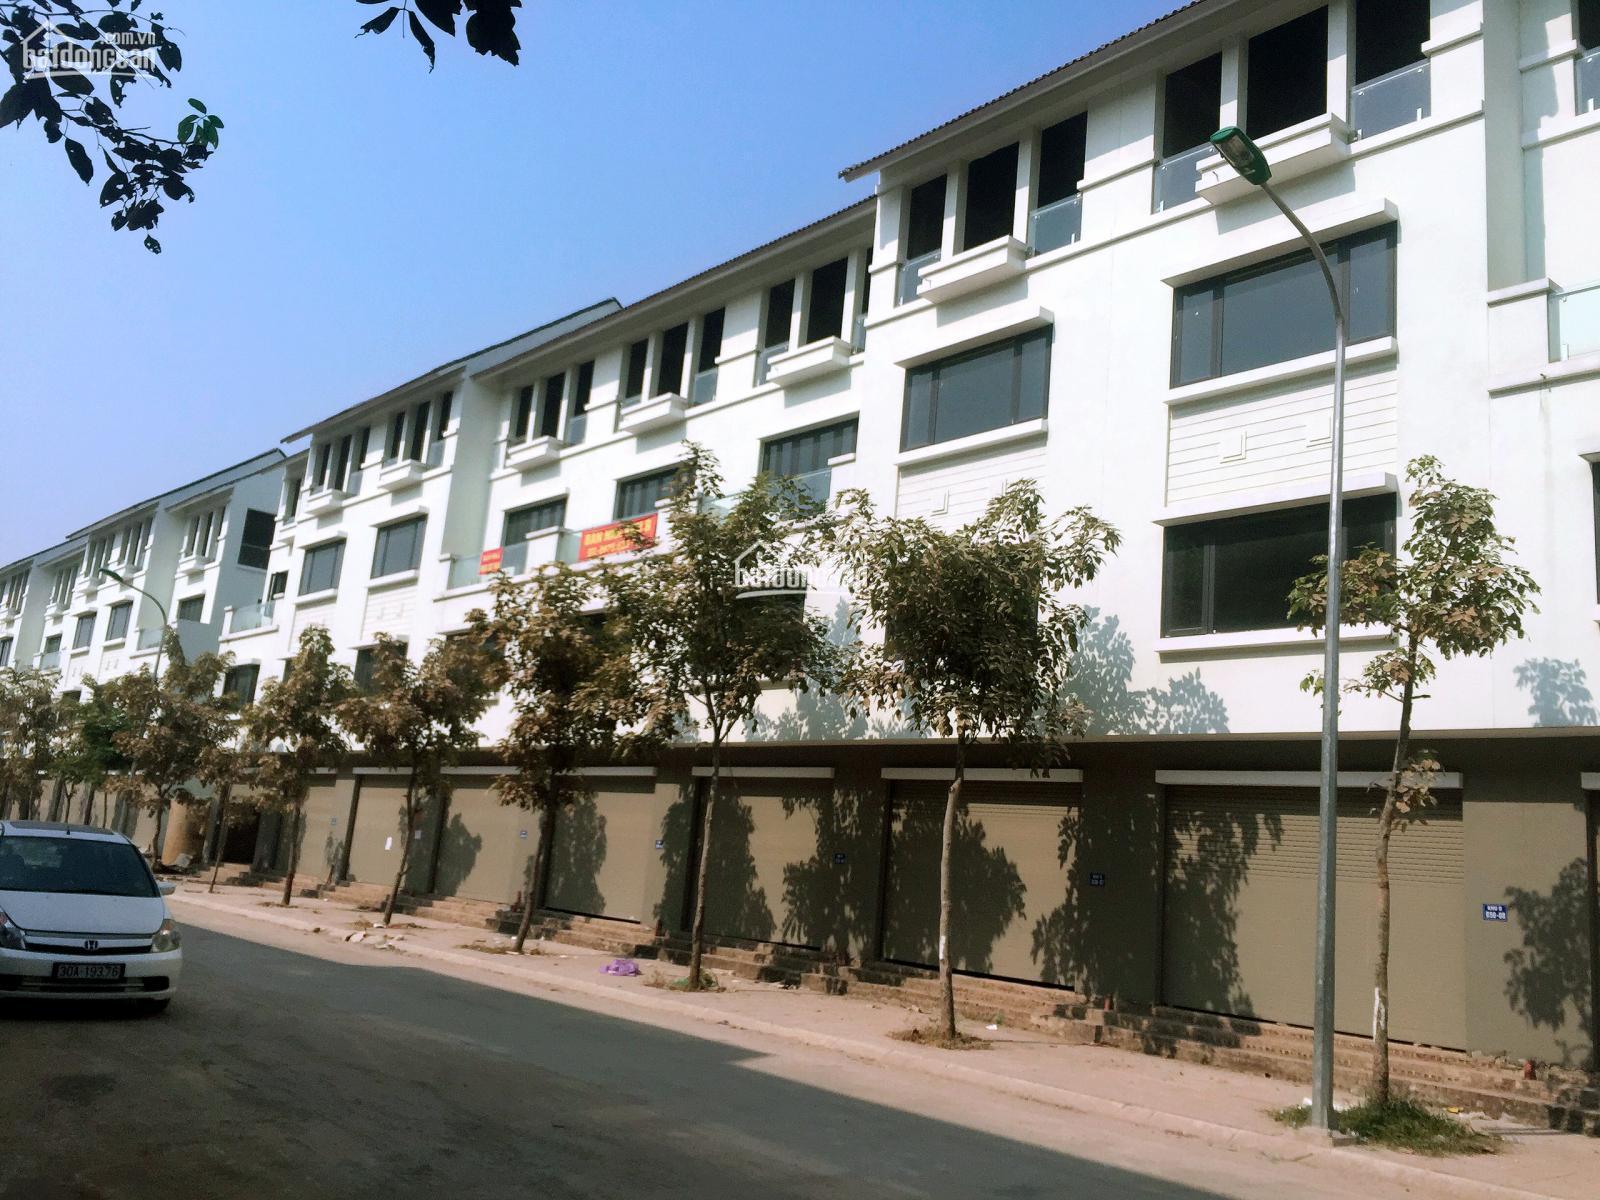 Chính chủ chuyển nhượng nhà vườn Lô C53 dự án Geleximco, Lê Trọng Tấn, Hà đông, Hà Nội